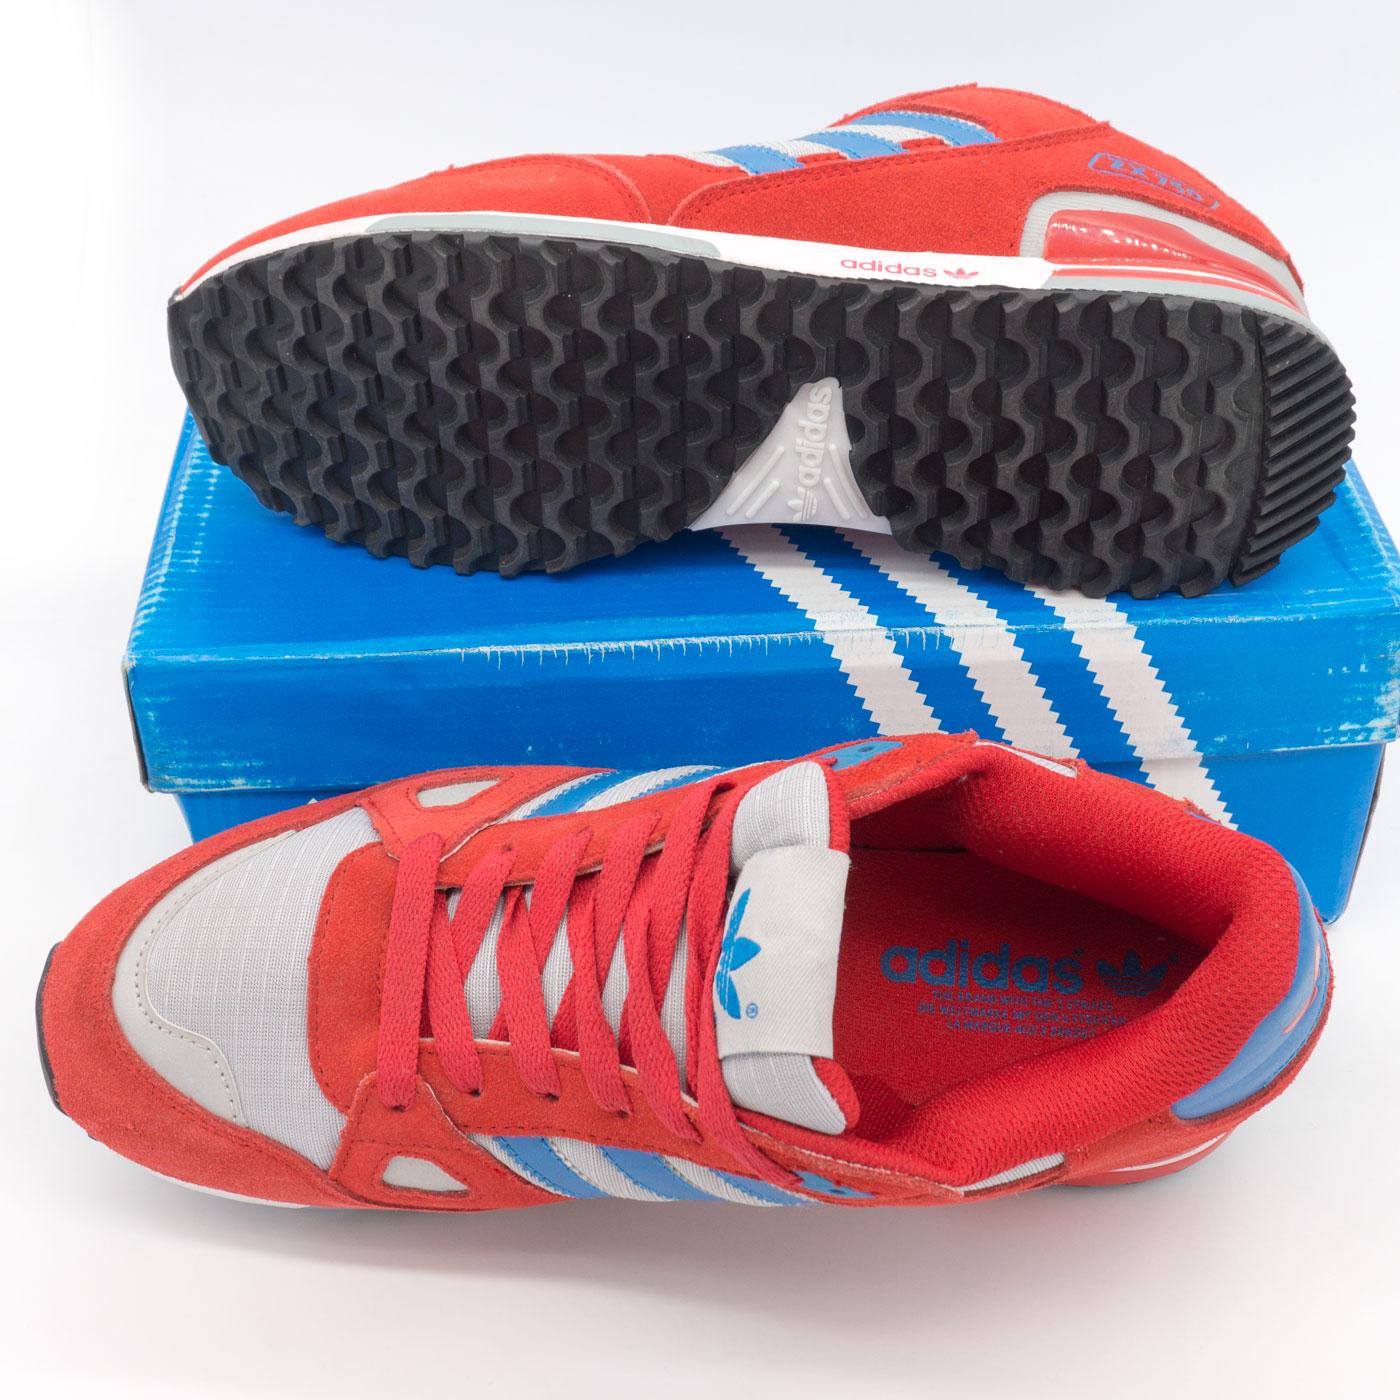 фото bottom Adidas zx750 красные - Топ качество bottom